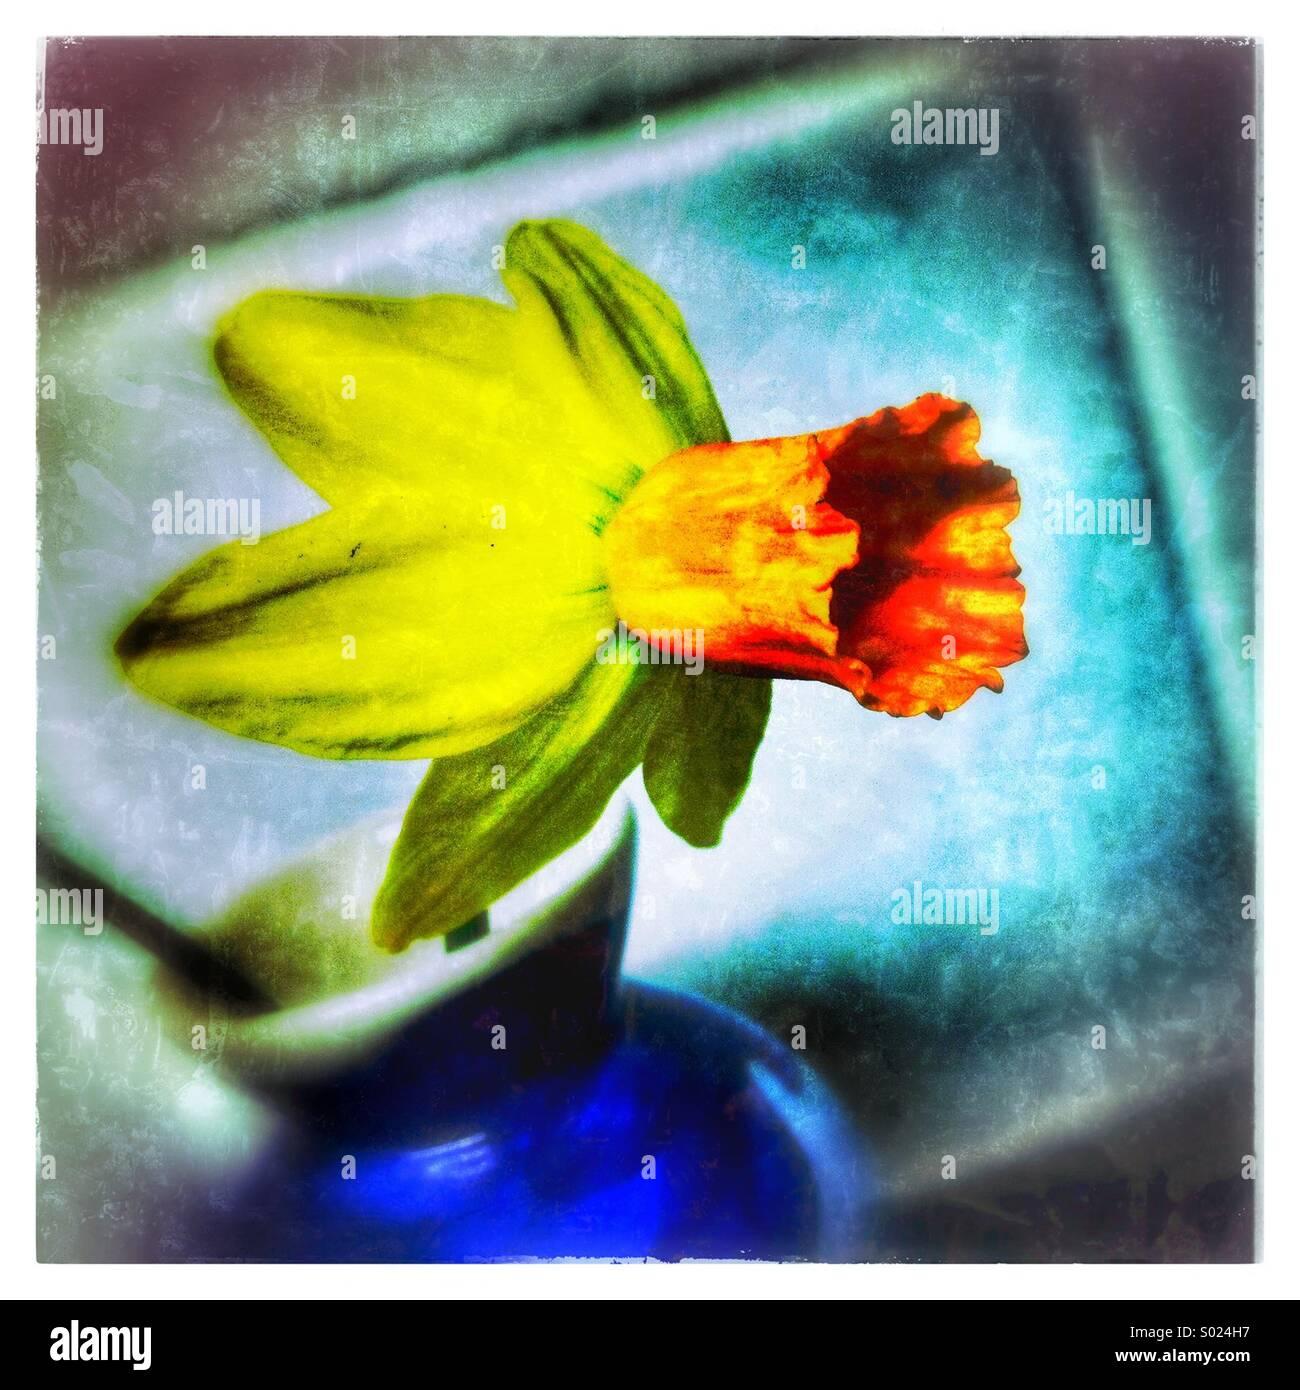 Daffodil in Blue Vase - Stock Image